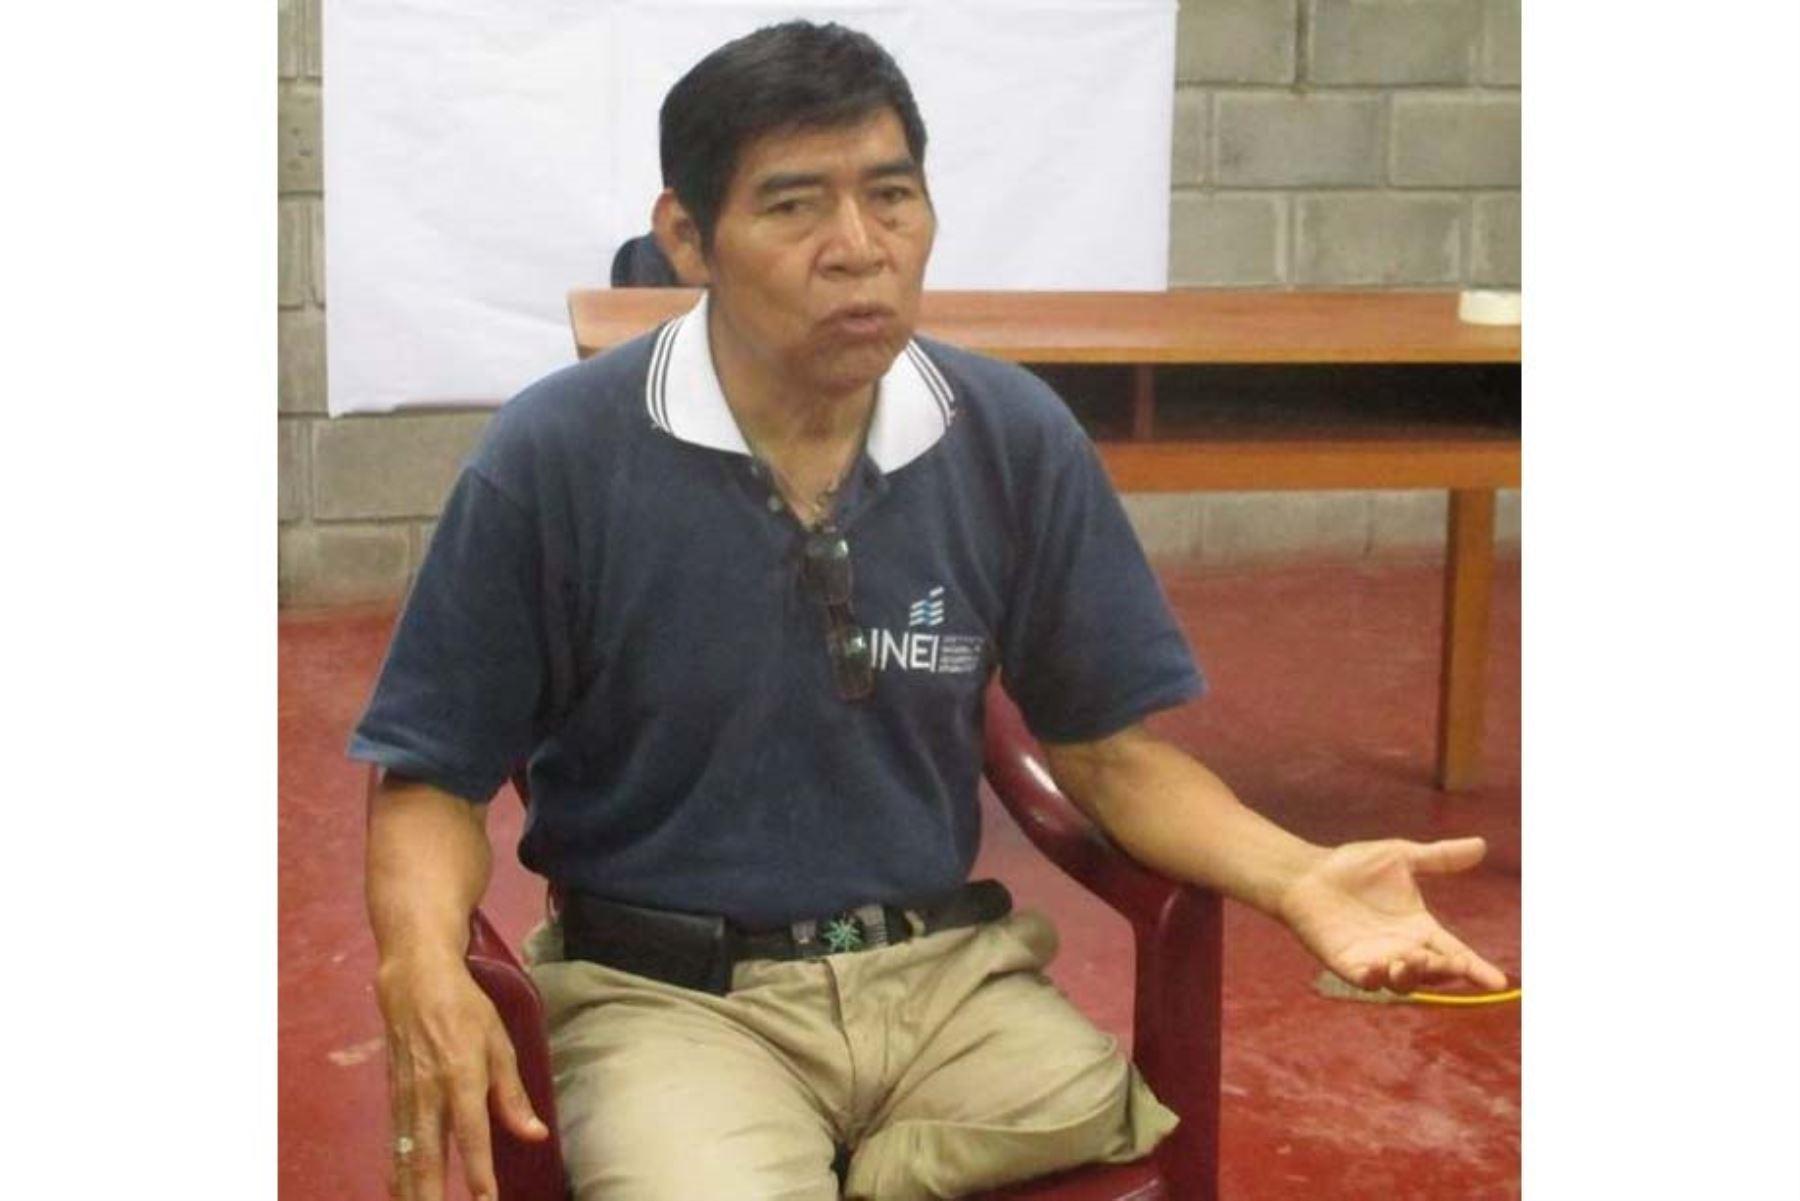 Santiago Manuin Valera, líder de la etnia awajún, recibió en 1994 el premio Reina Sofía por su trabajo en defensa de la Amazonía y los derechos humanos.